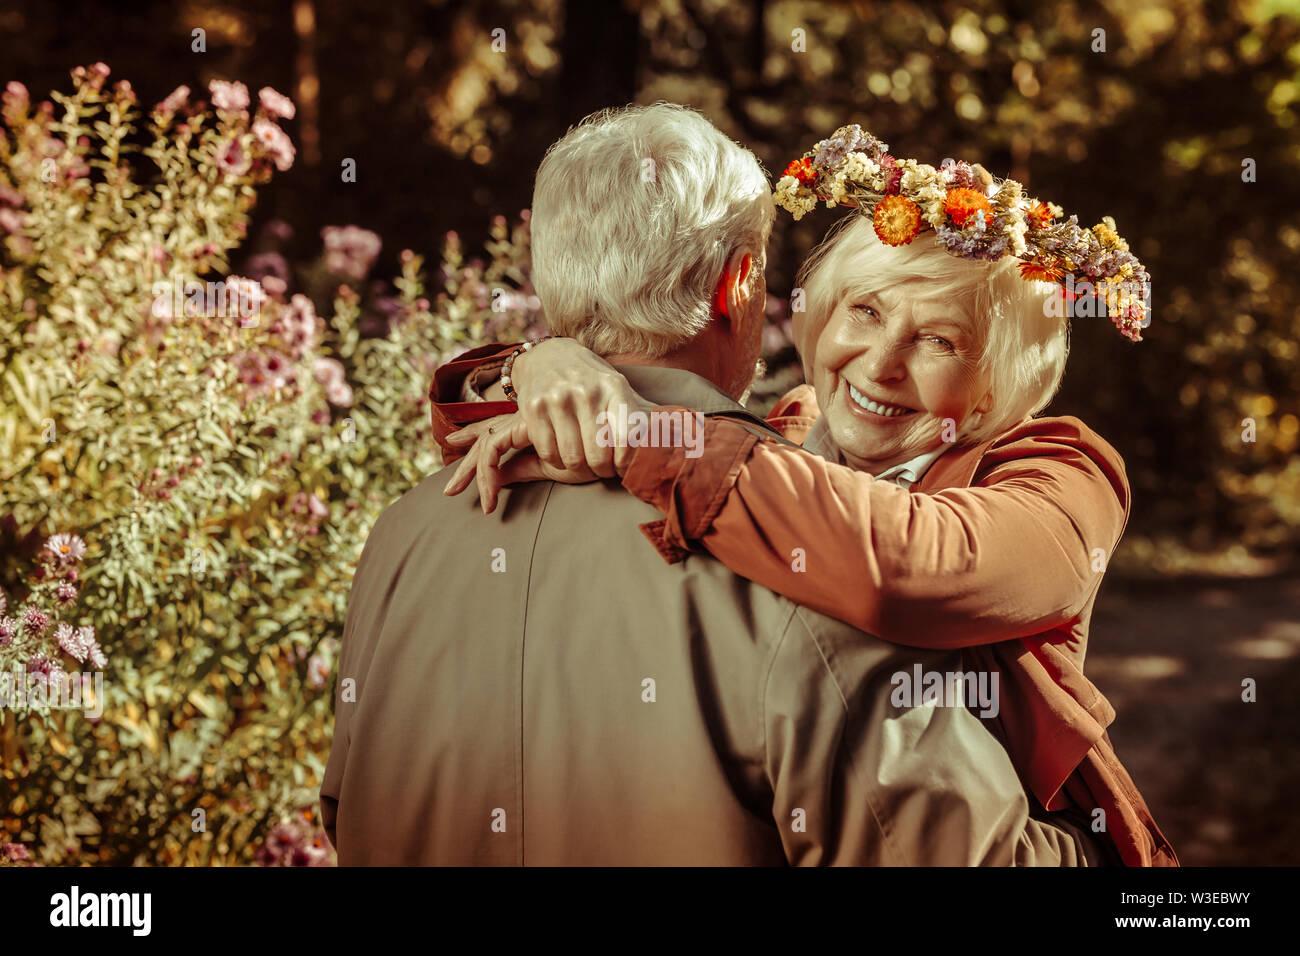 Deux professionnels seniors hugging pendant une date. Photo Stock